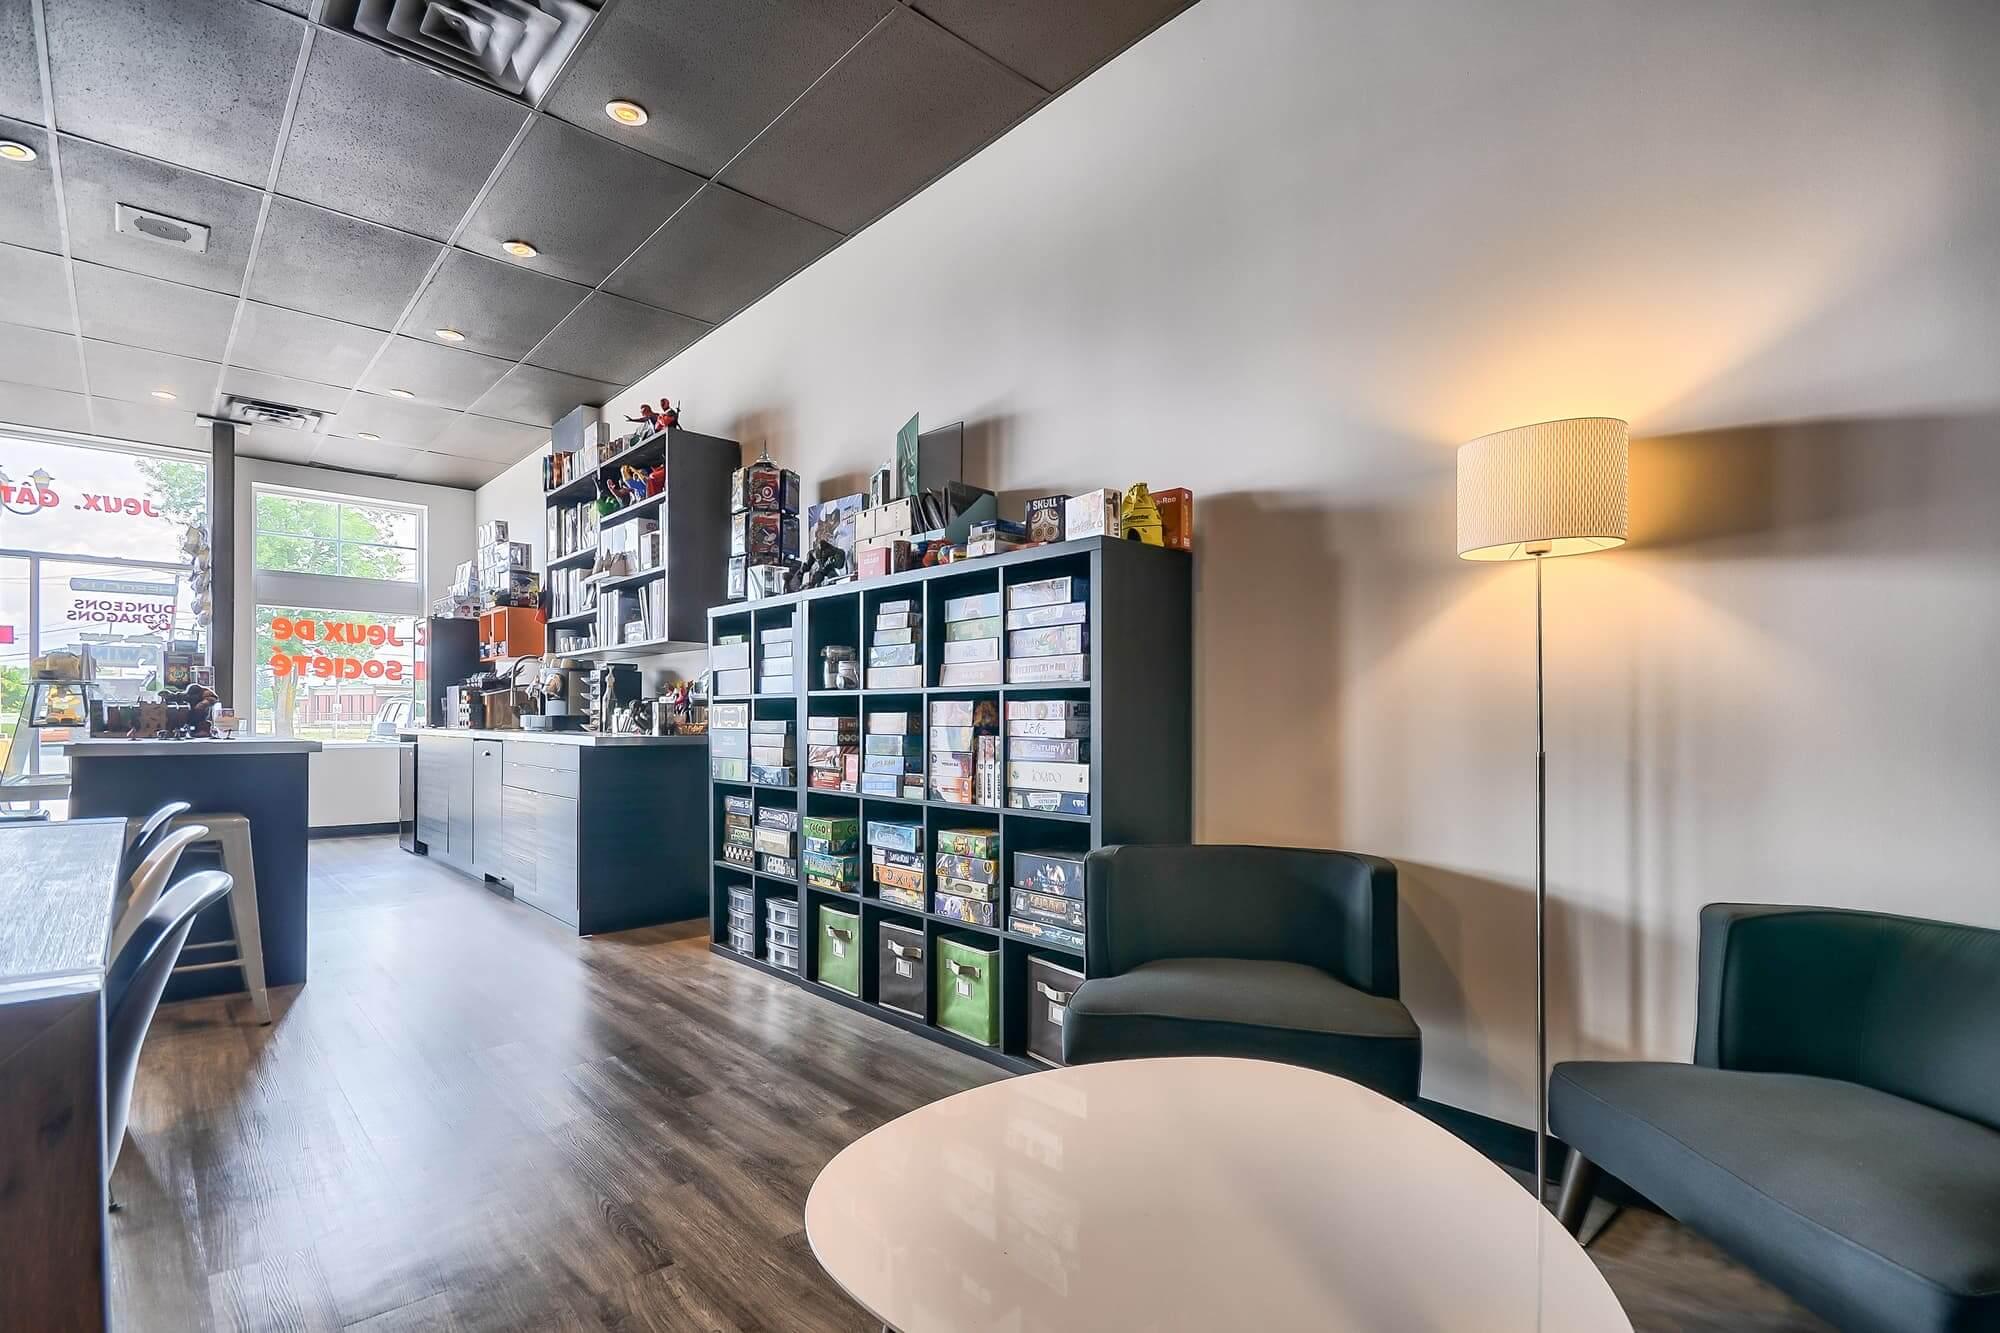 bibliothèque sur mesure dans un salon de jeux de société nouvellement aménagé